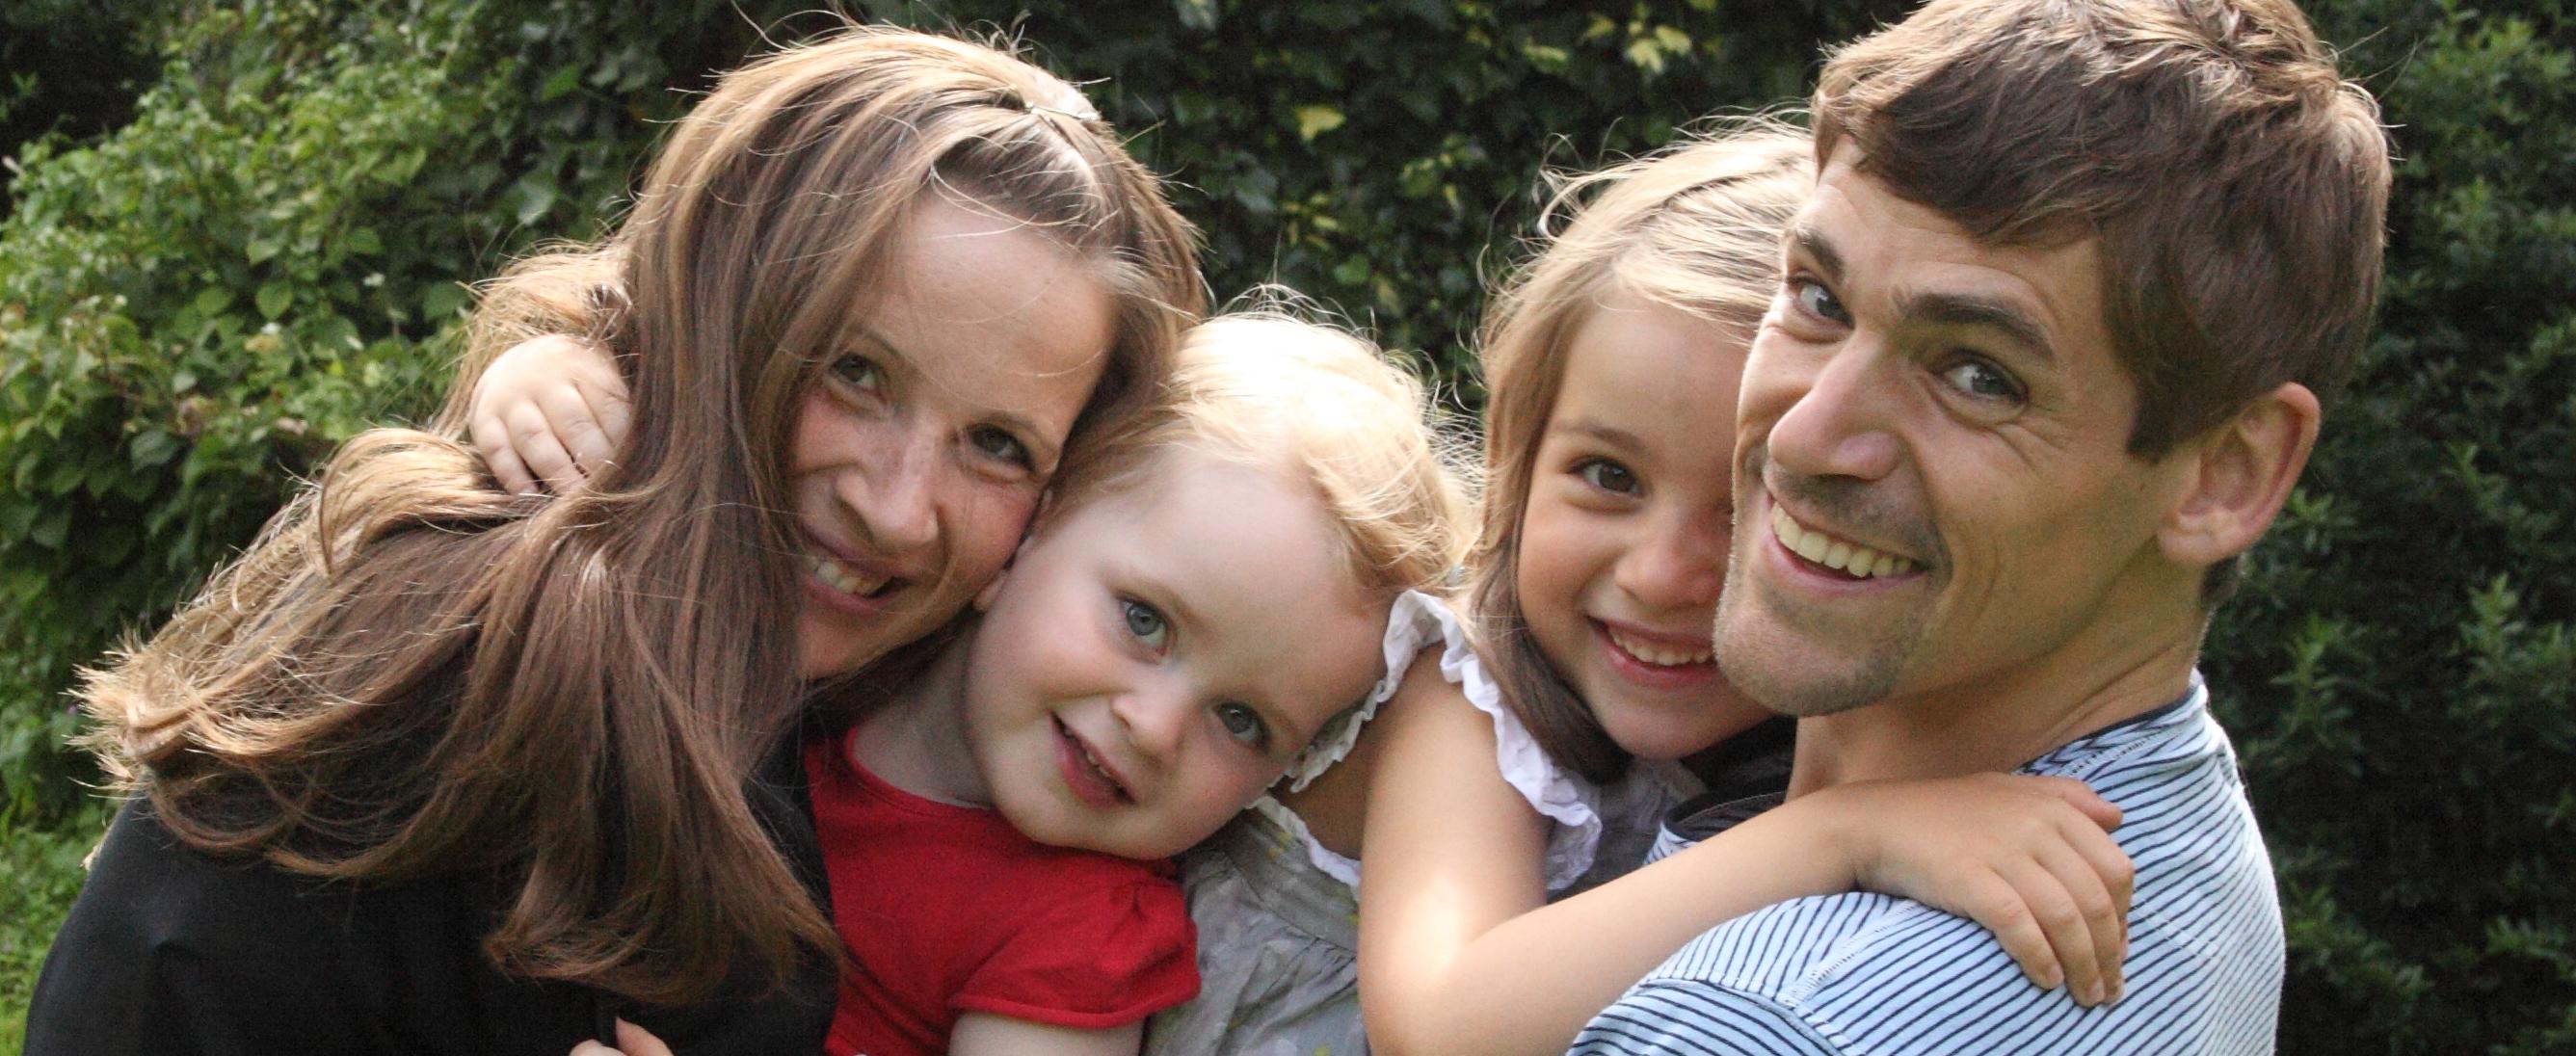 Fotoshooting in gelöster Stimmung, ganz natürliche Aufnahmen, authentische Familienbilder